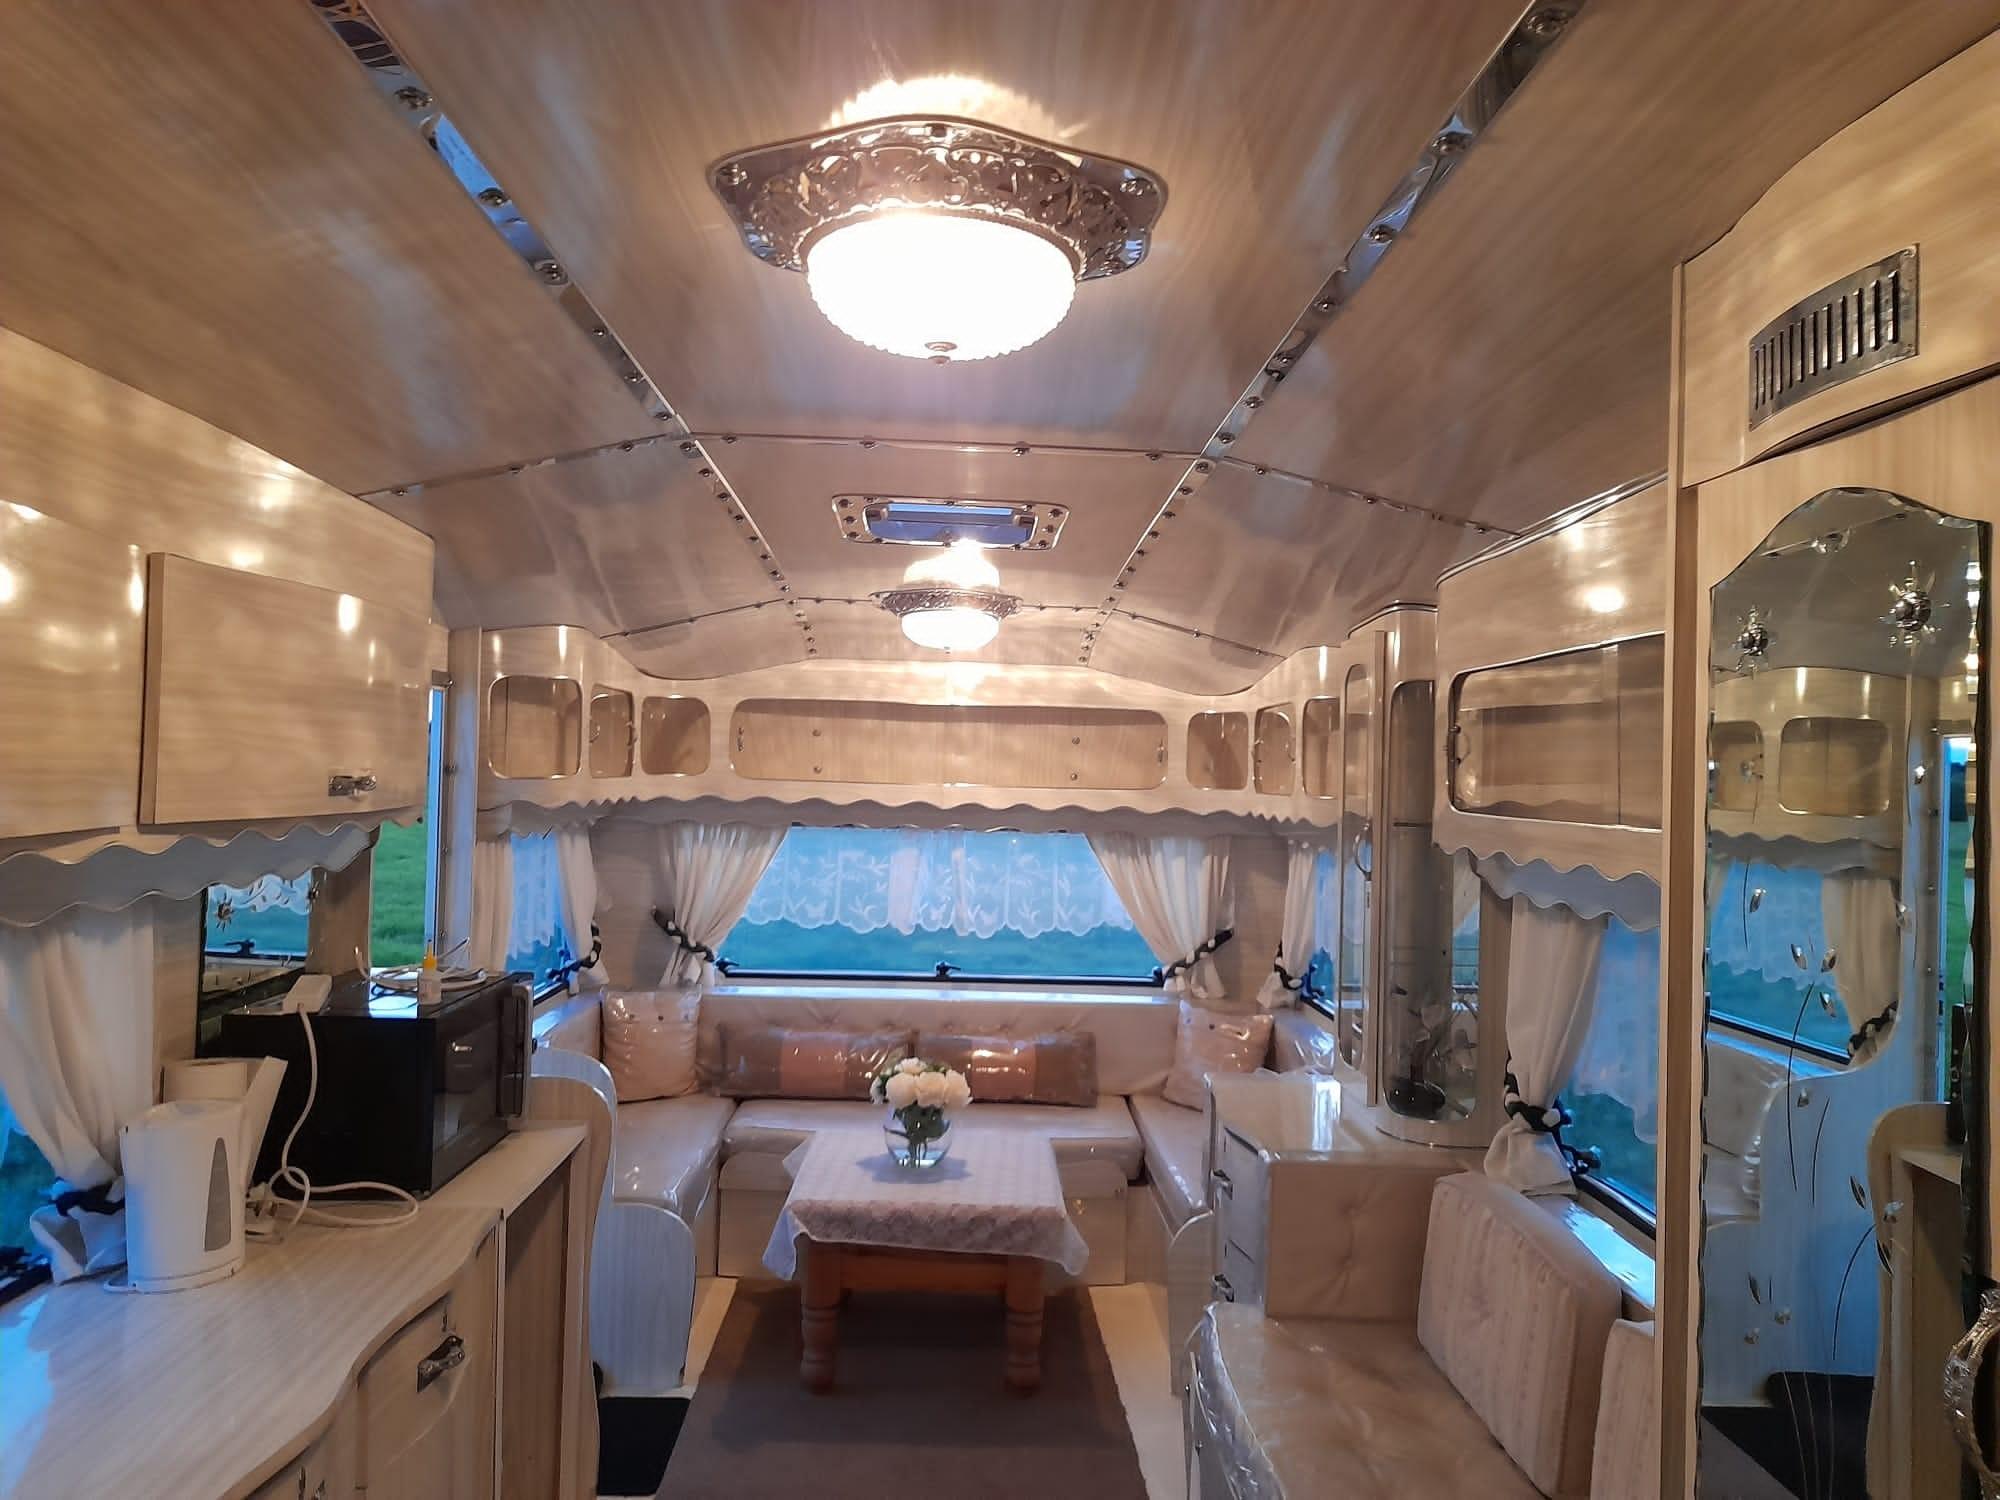 Gypsy Caravan 3